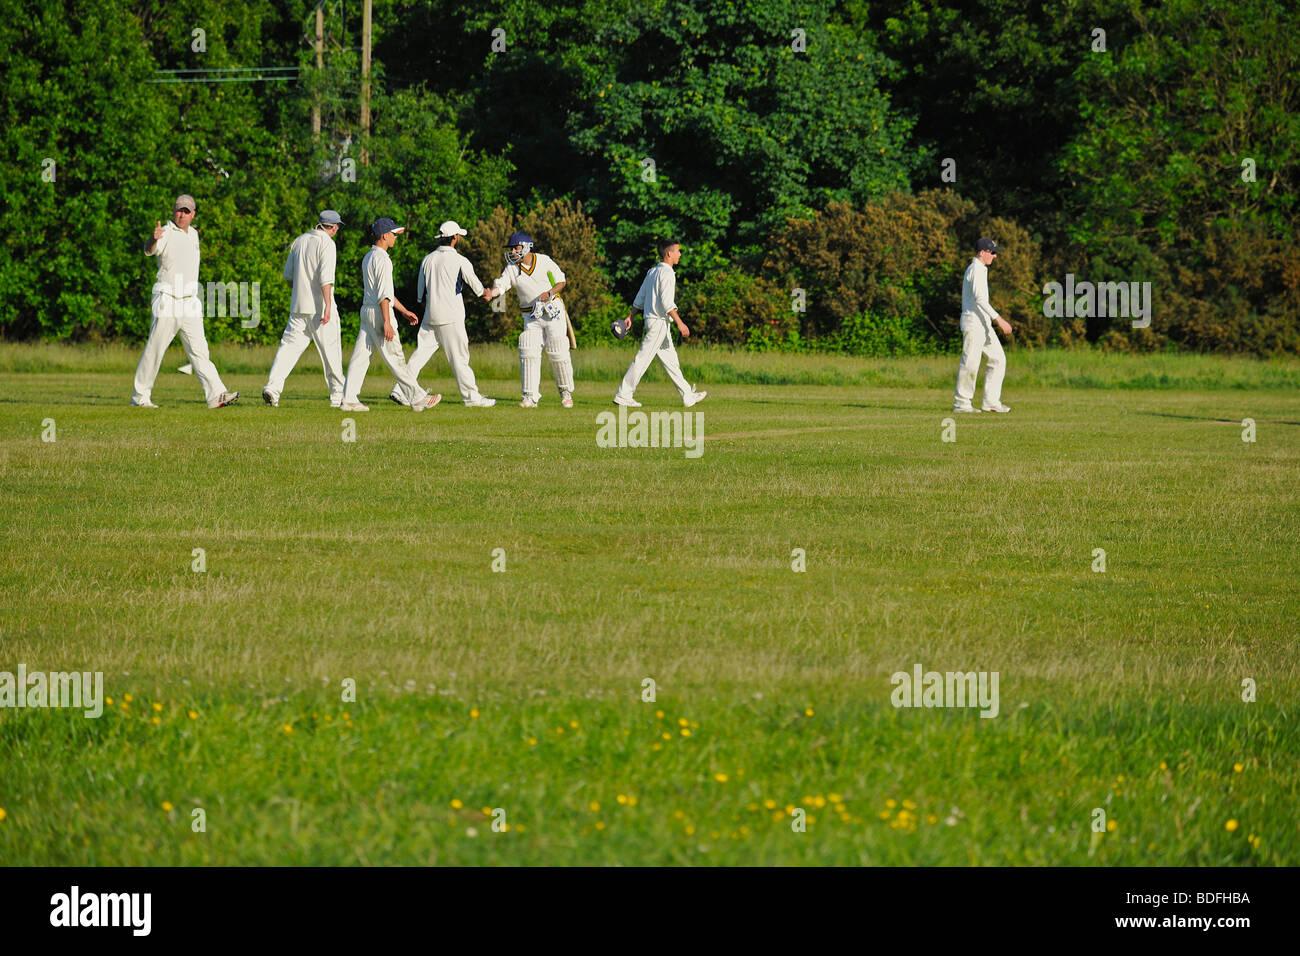 How many fielders in a cricket match